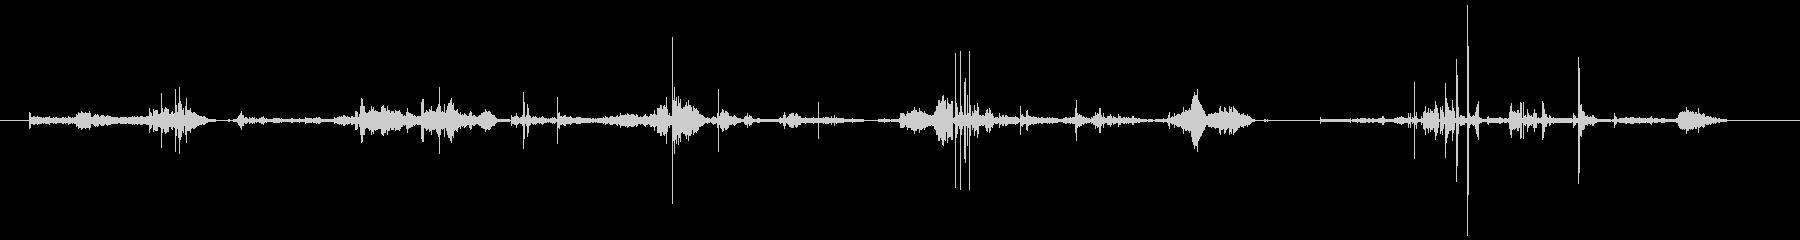 ラージハードカバーブック1:いくつ...の未再生の波形